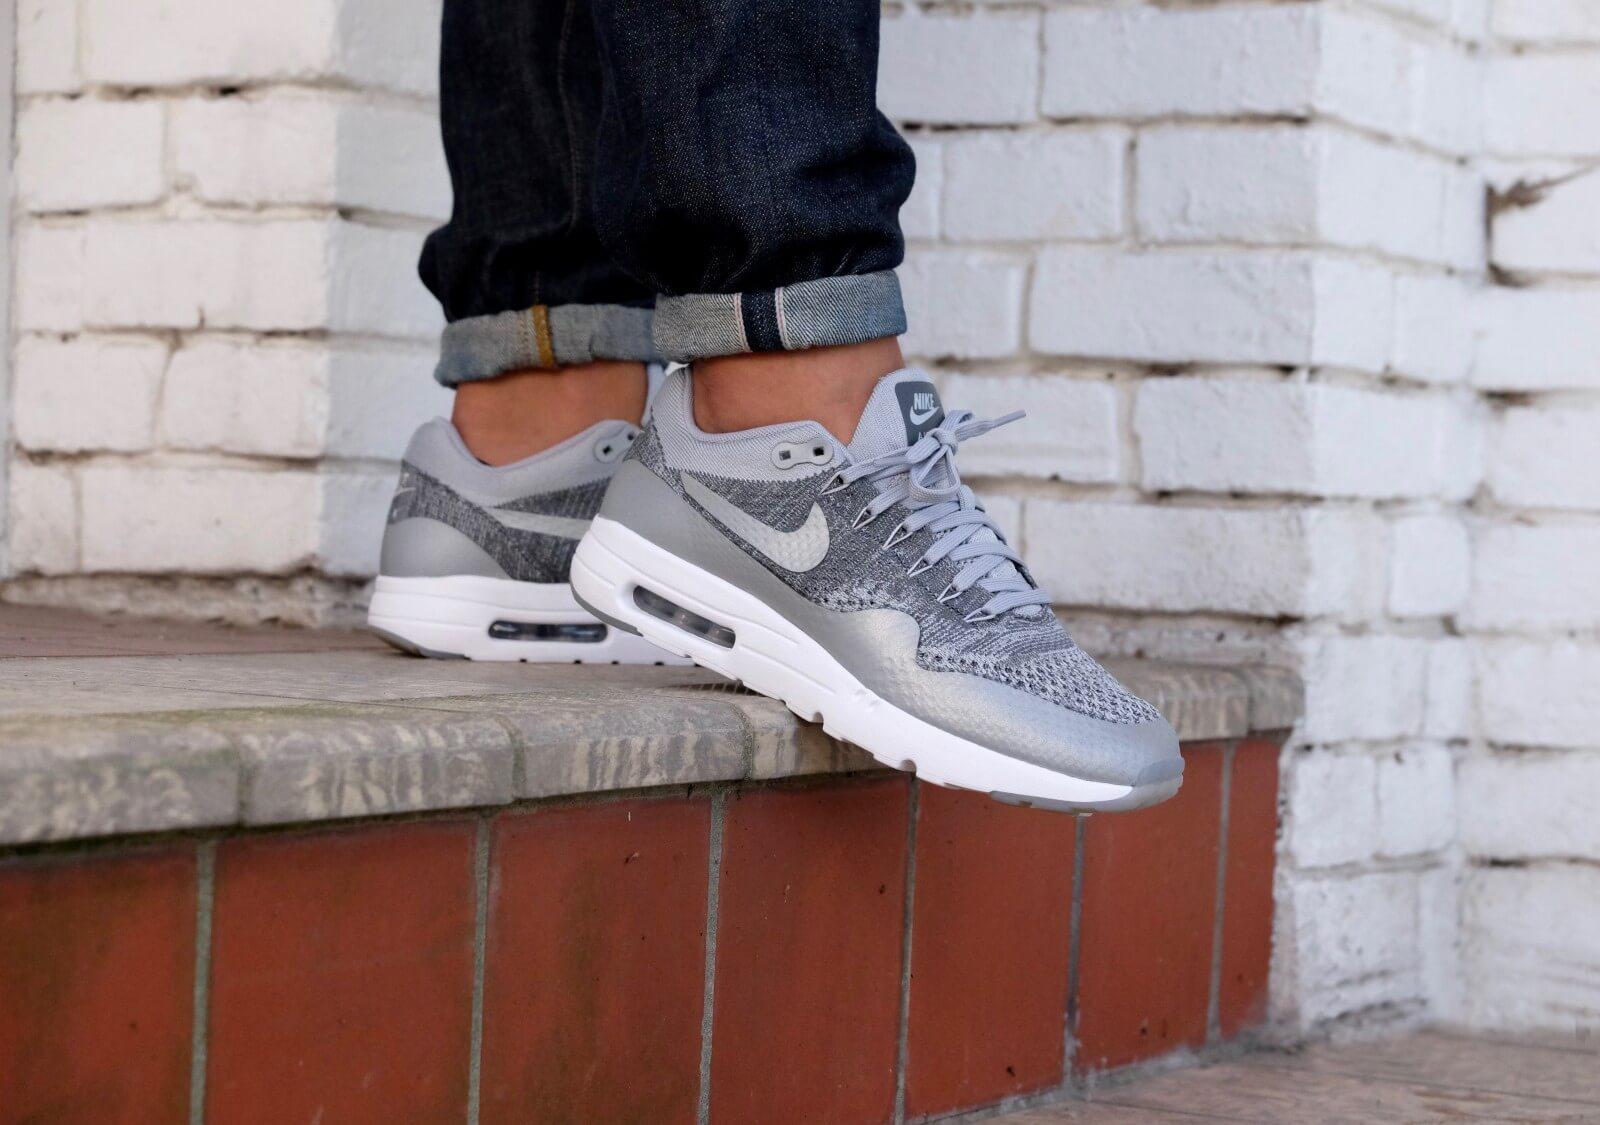 Nike Air Max 1 Ultra Flyknit Wolf Grey Dark Grey White 843384 001